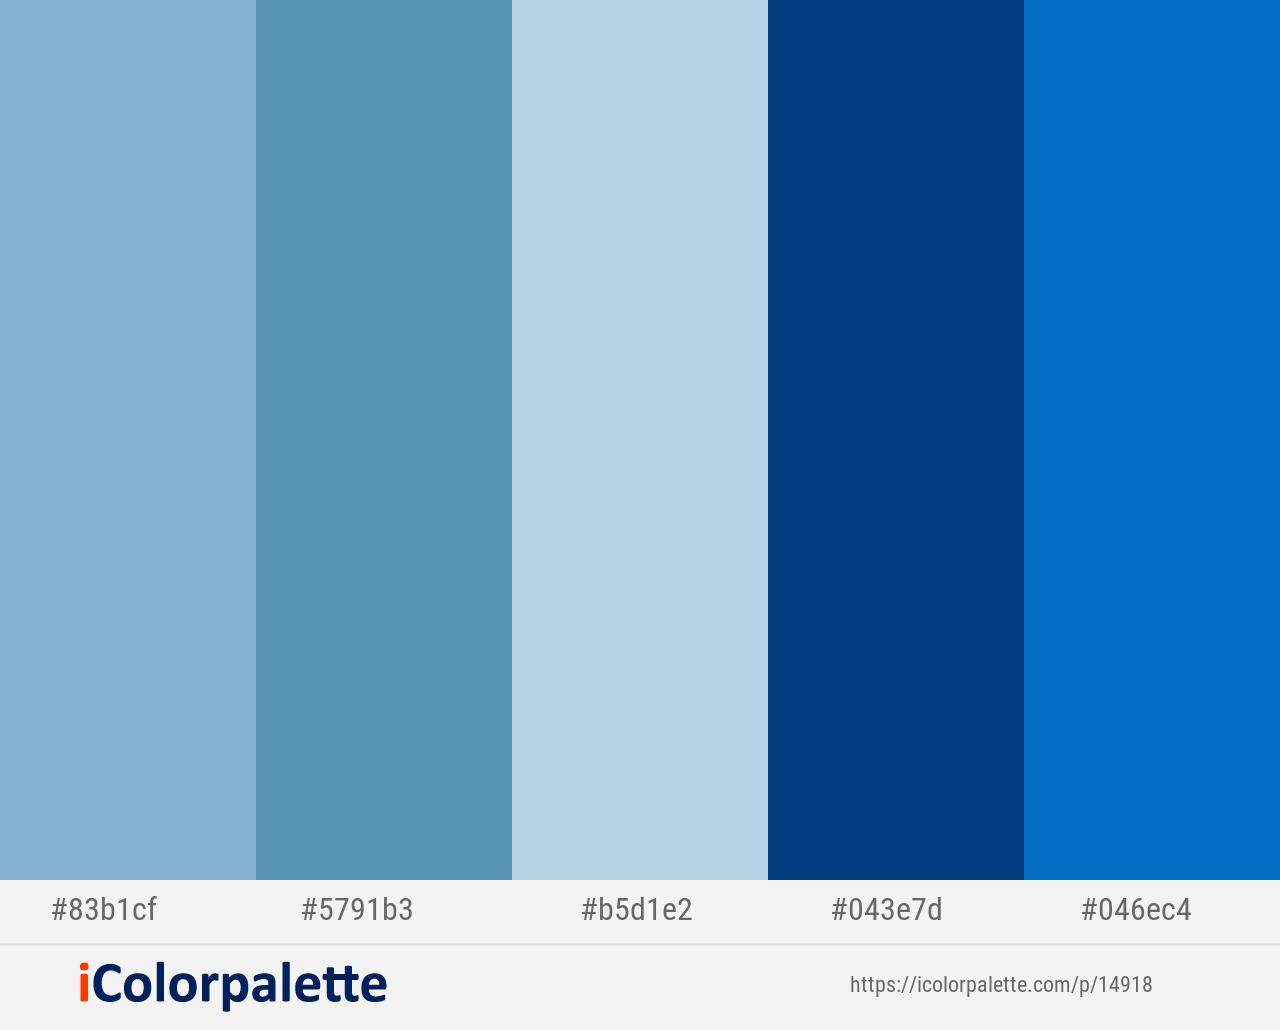 Half Baked Hippie Blue Ziggurat Congress Blue Science Blue Color Scheme Icolorpalette Blue Colour Palette Color Pallets Light Steel Blue